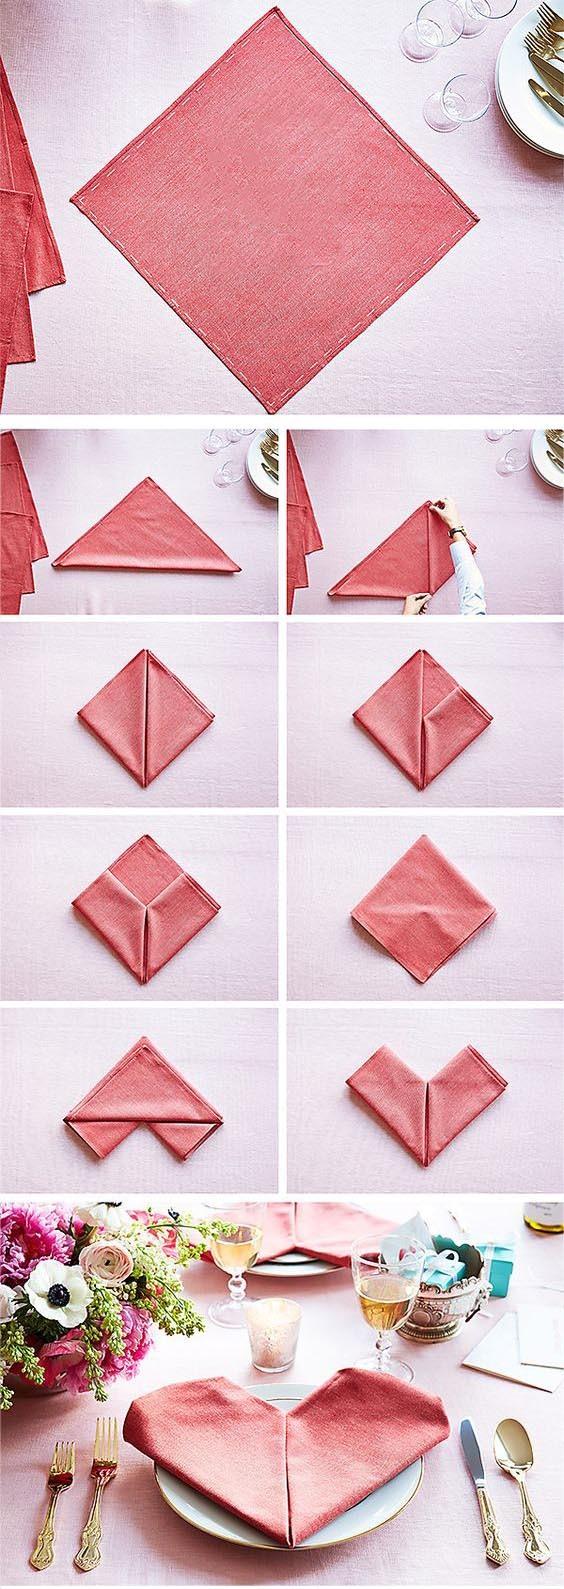 Как сделать оригами из салфеток на стол